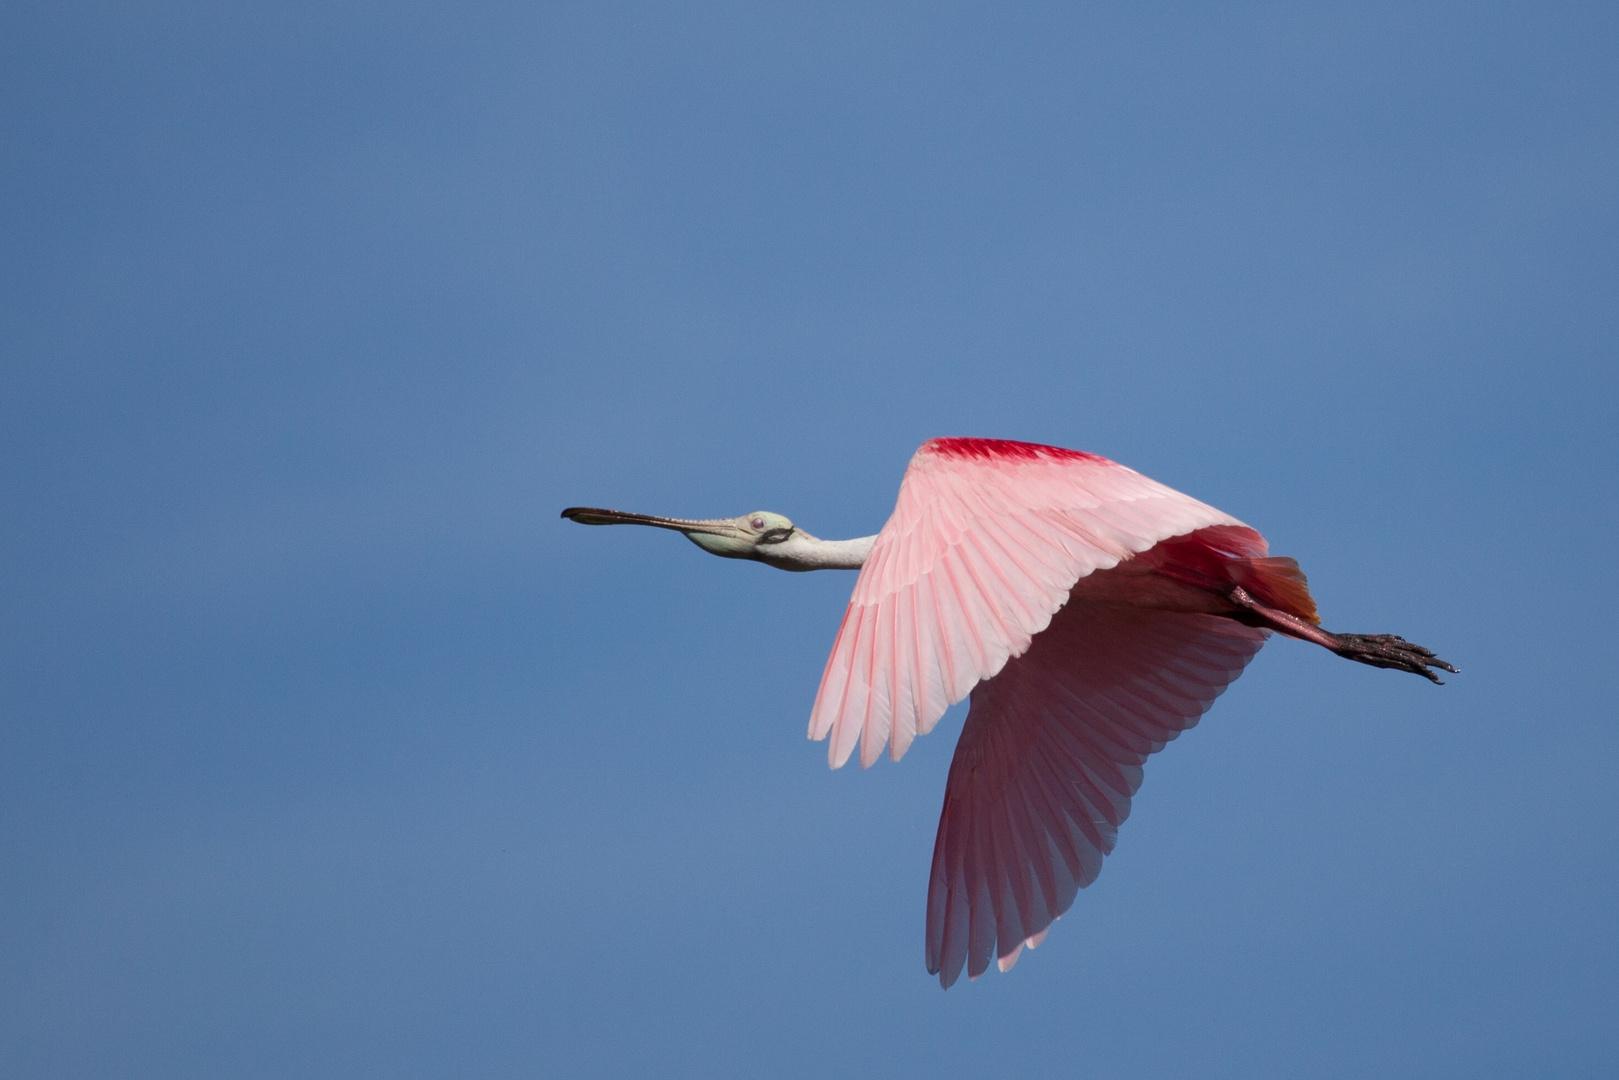 Und es erhebt sich der Vogel ...